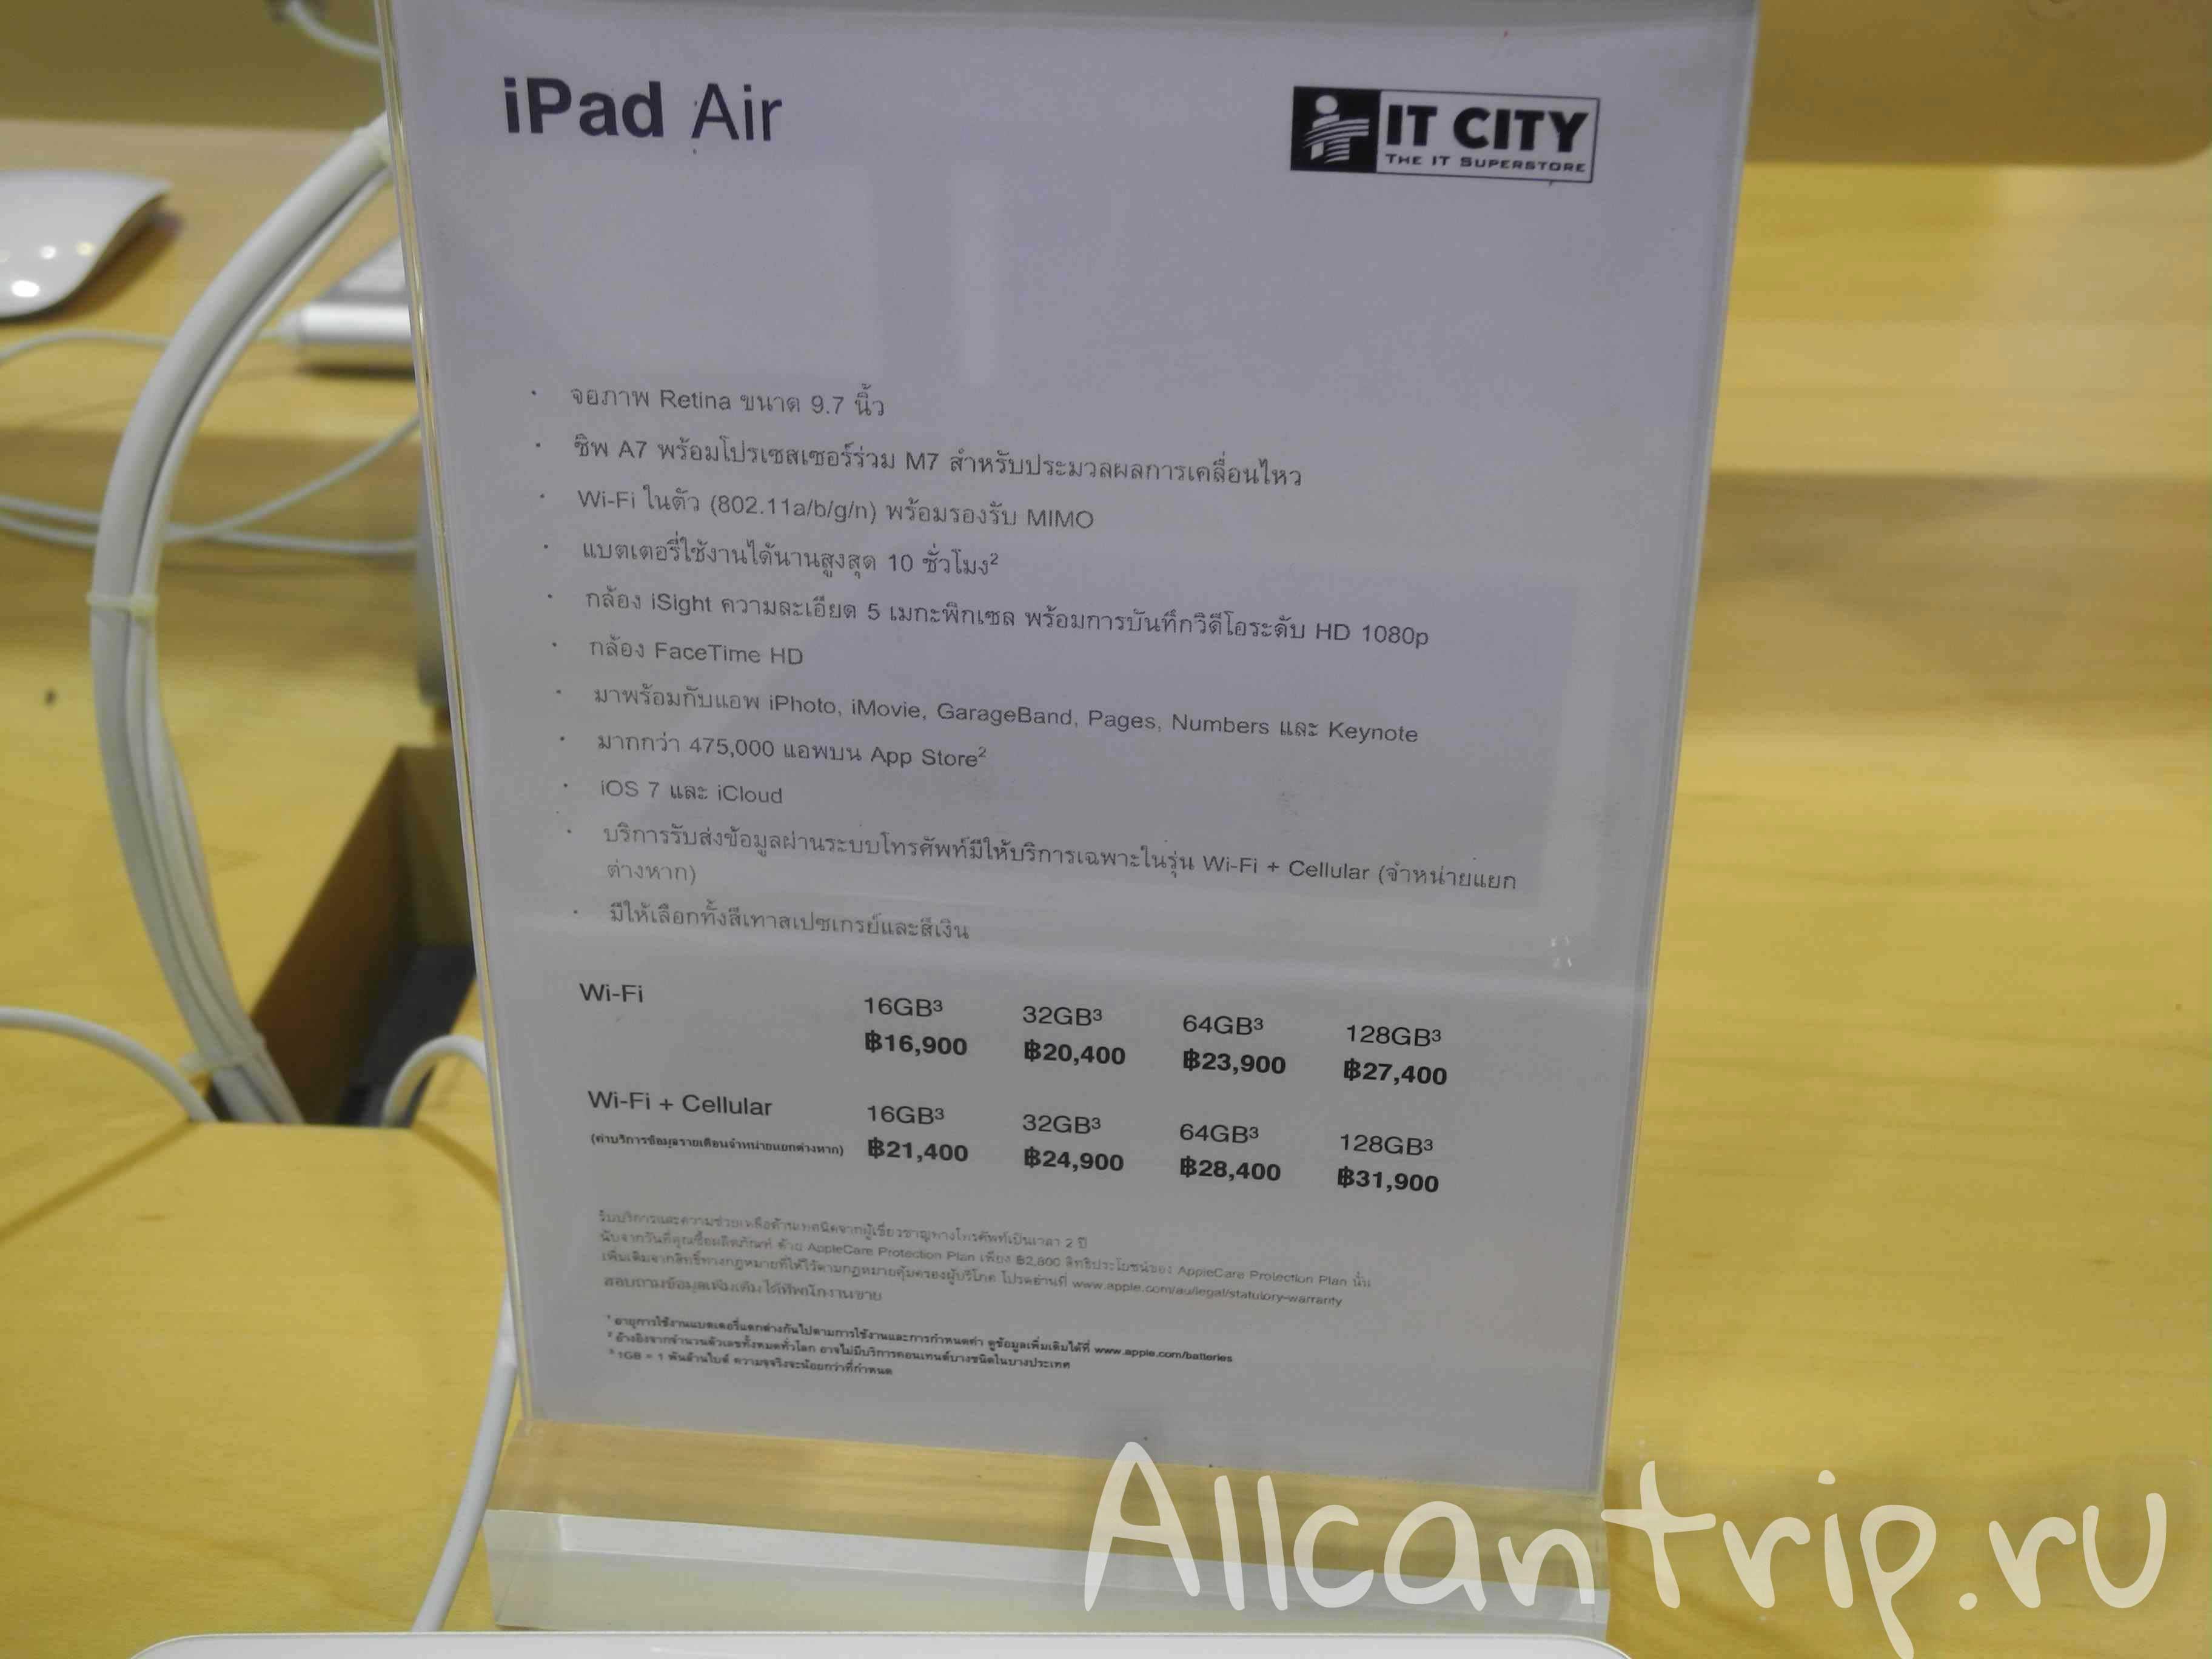 Цены на IPad Air в Бангкоке